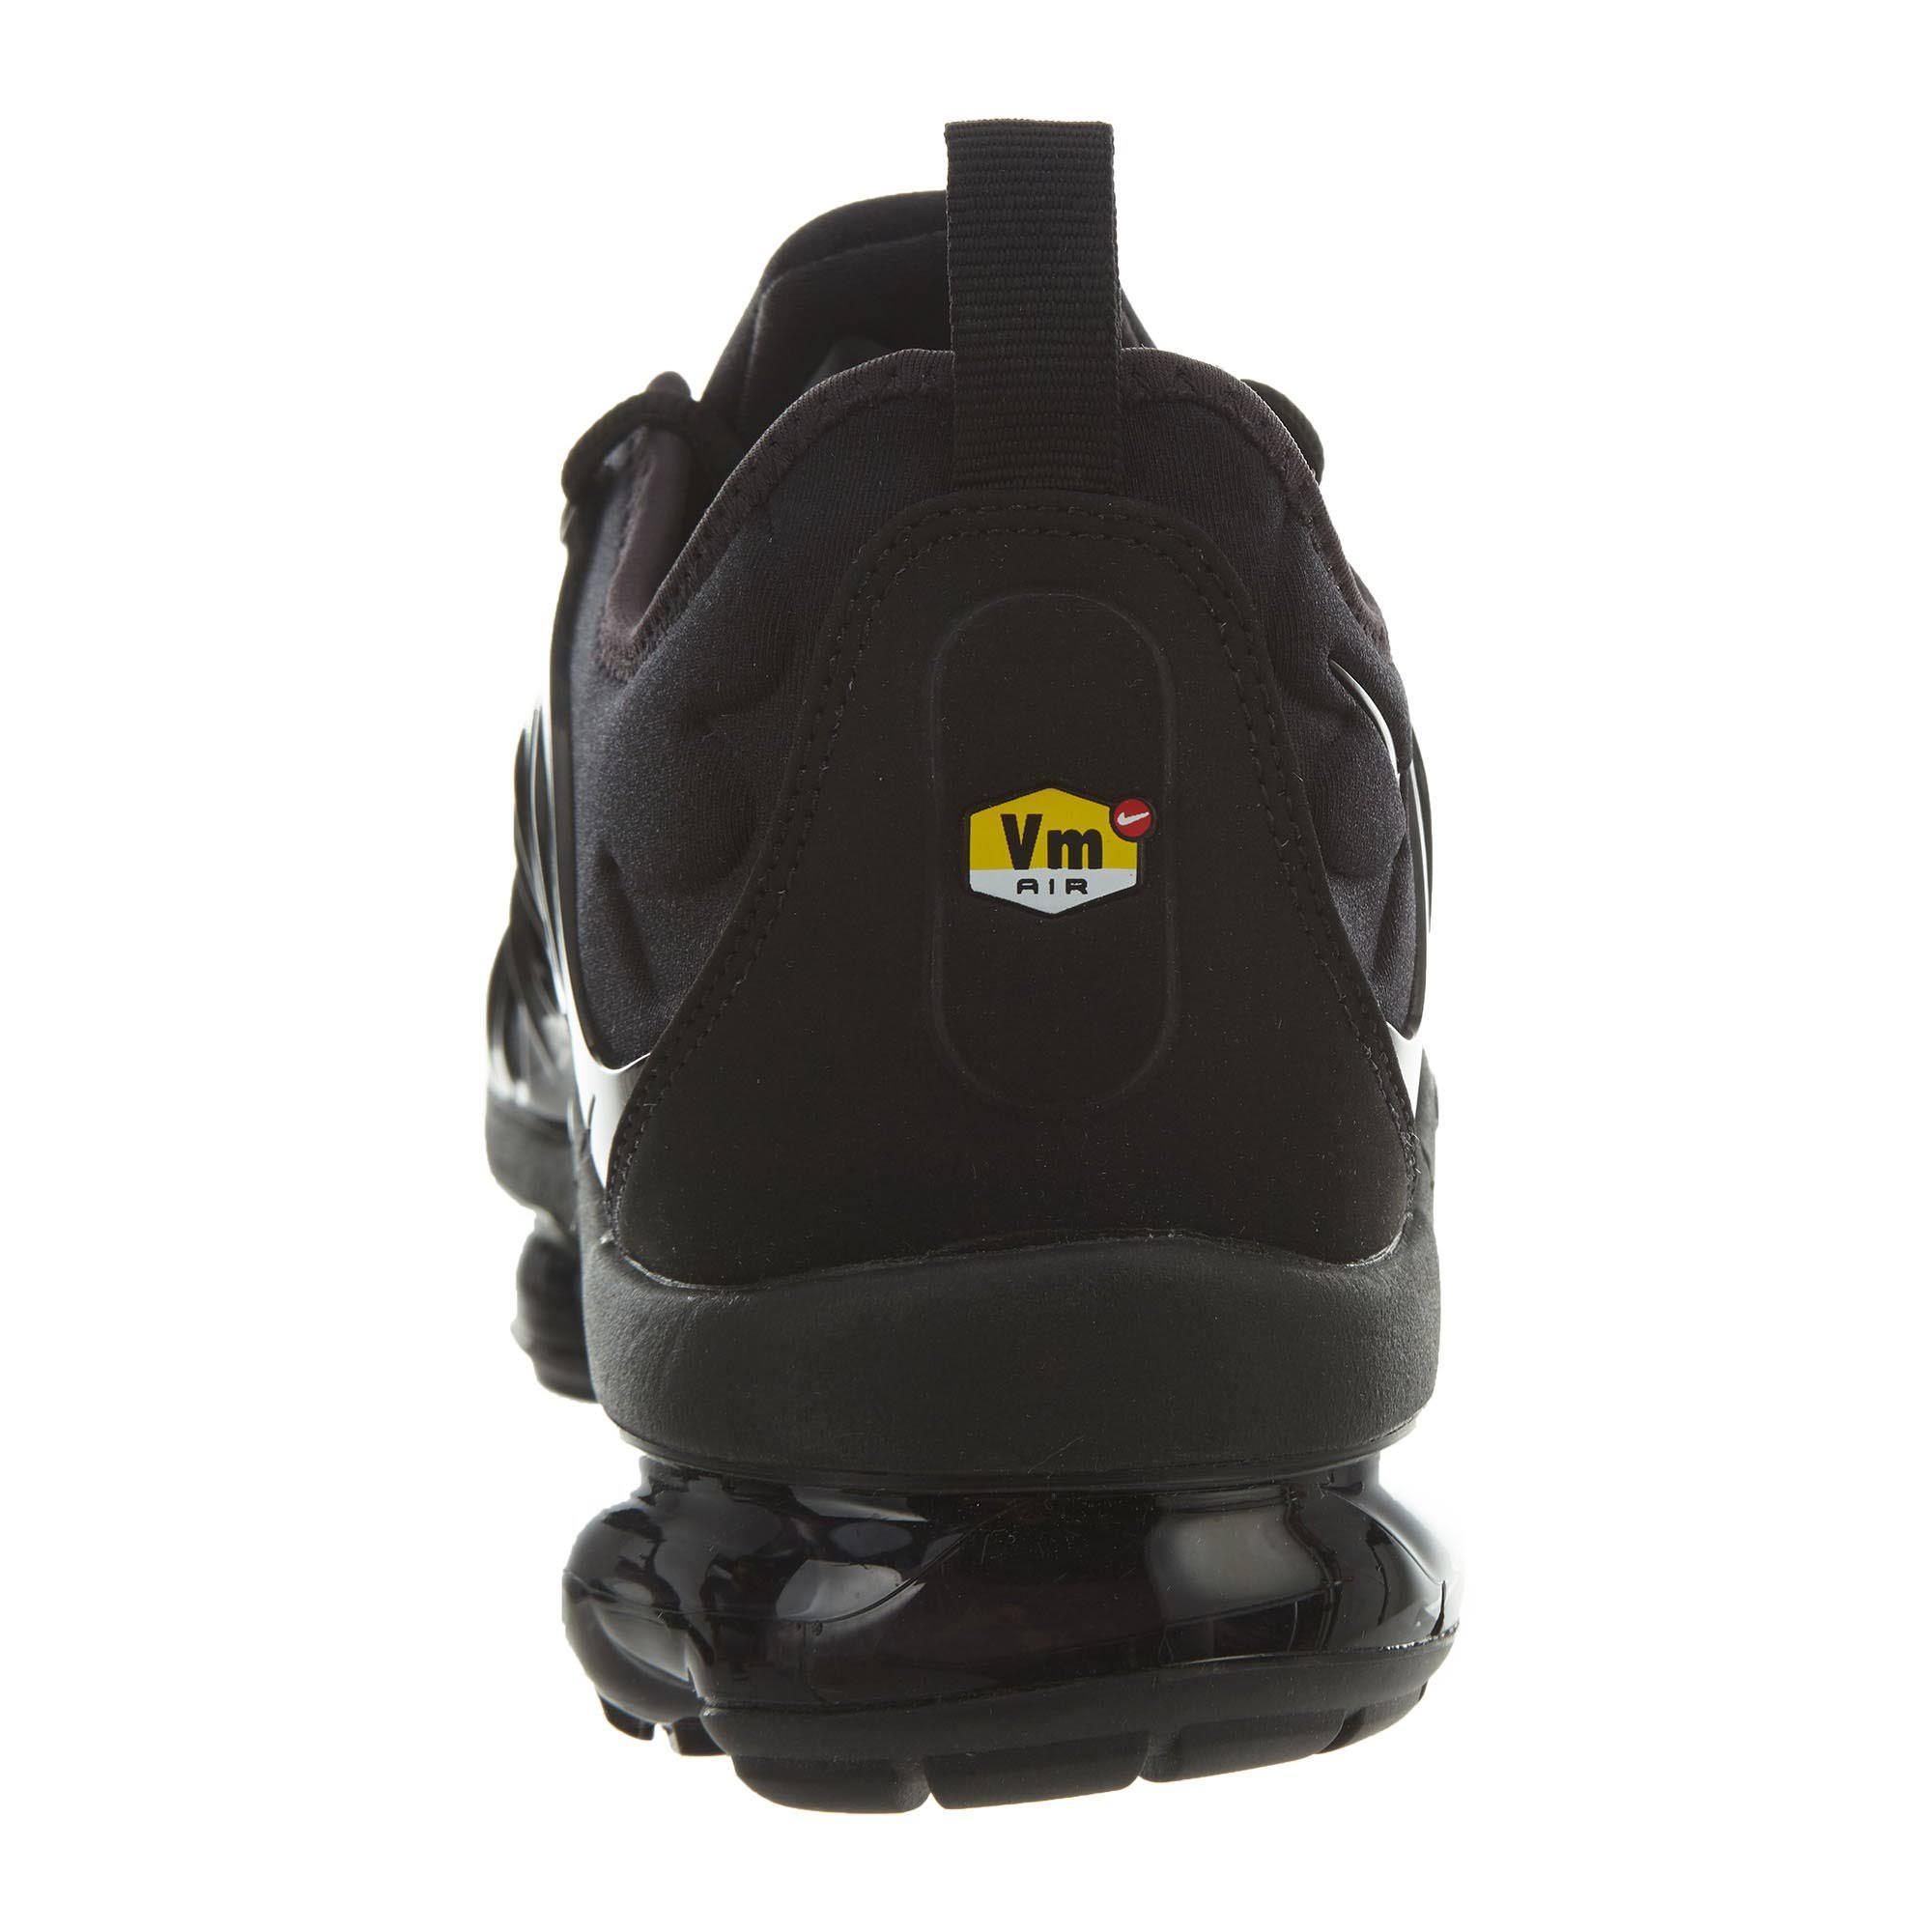 5 Deporte Negro' Plus Vapormax Zapatillas De Tamaño 12 Para 'triple Air Hombre Nike qfcwZxw1O7